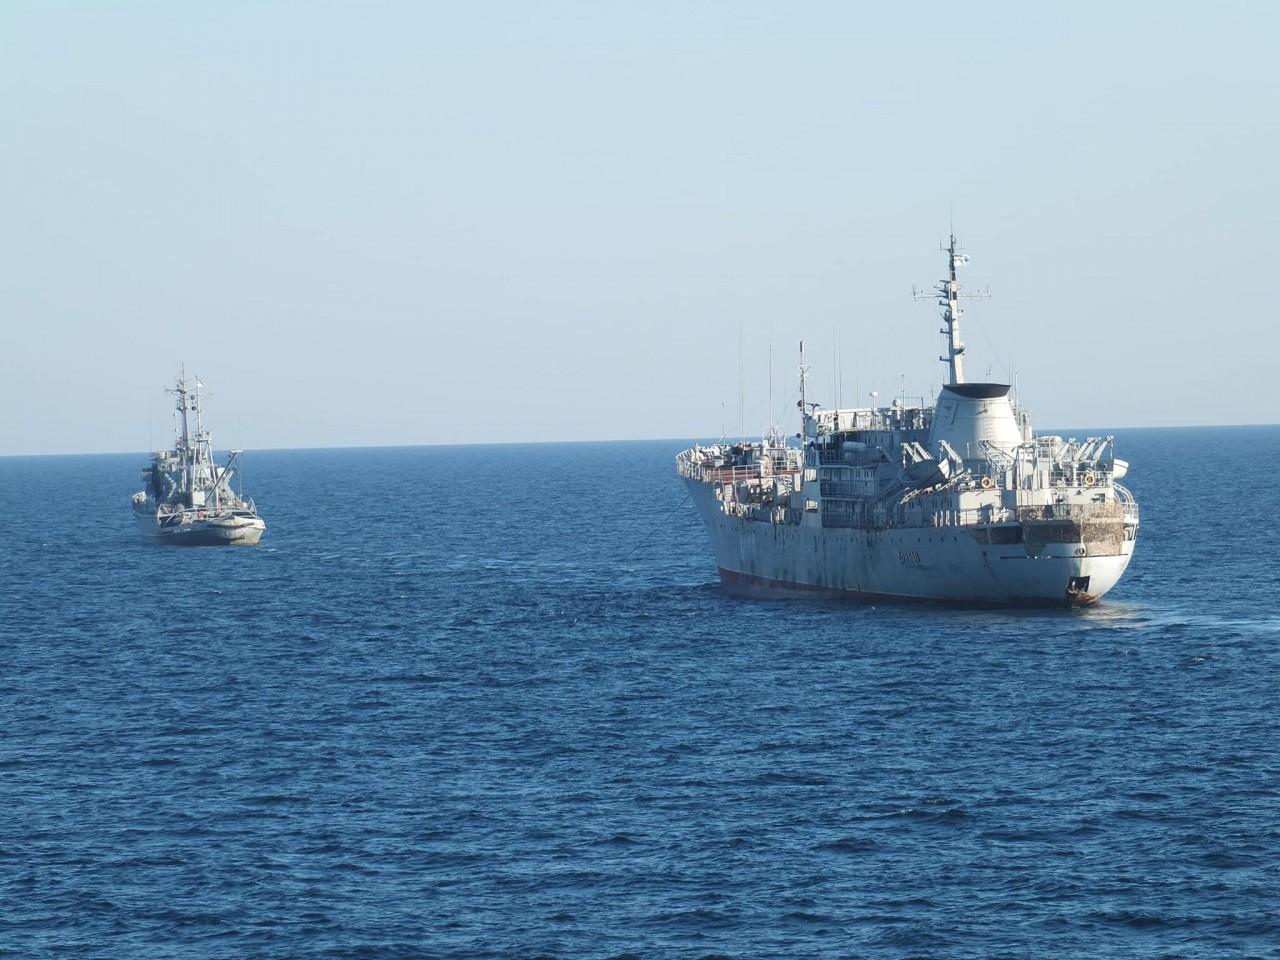 Два вымпела ВМС Украины - участники последнего парада - пытаются прорваться в Азовское море